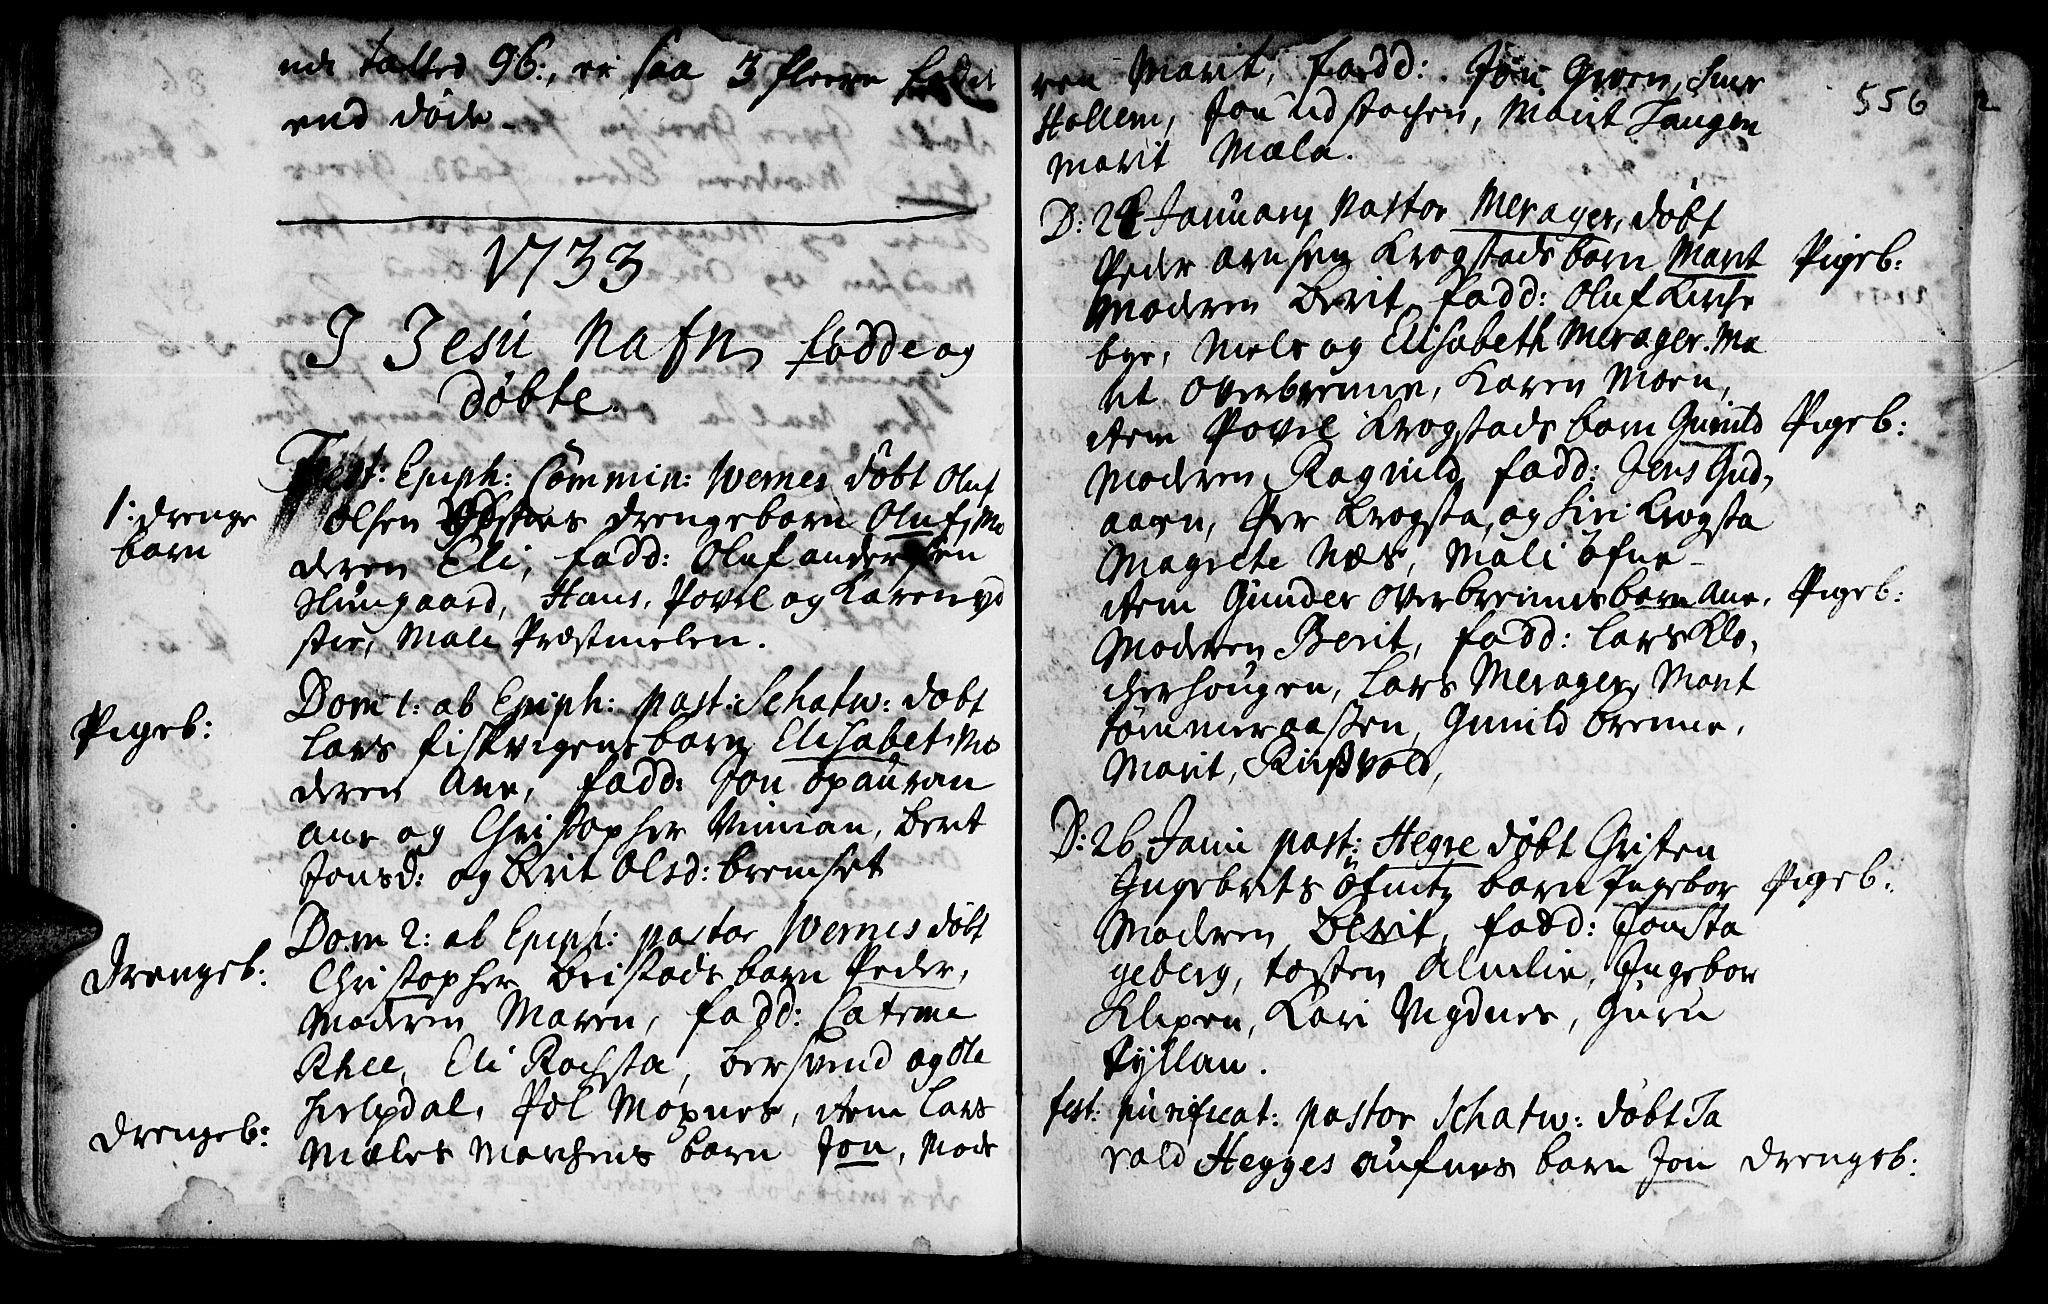 SAT, Ministerialprotokoller, klokkerbøker og fødselsregistre - Nord-Trøndelag, 709/L0055: Ministerialbok nr. 709A03, 1730-1739, s. 555-556